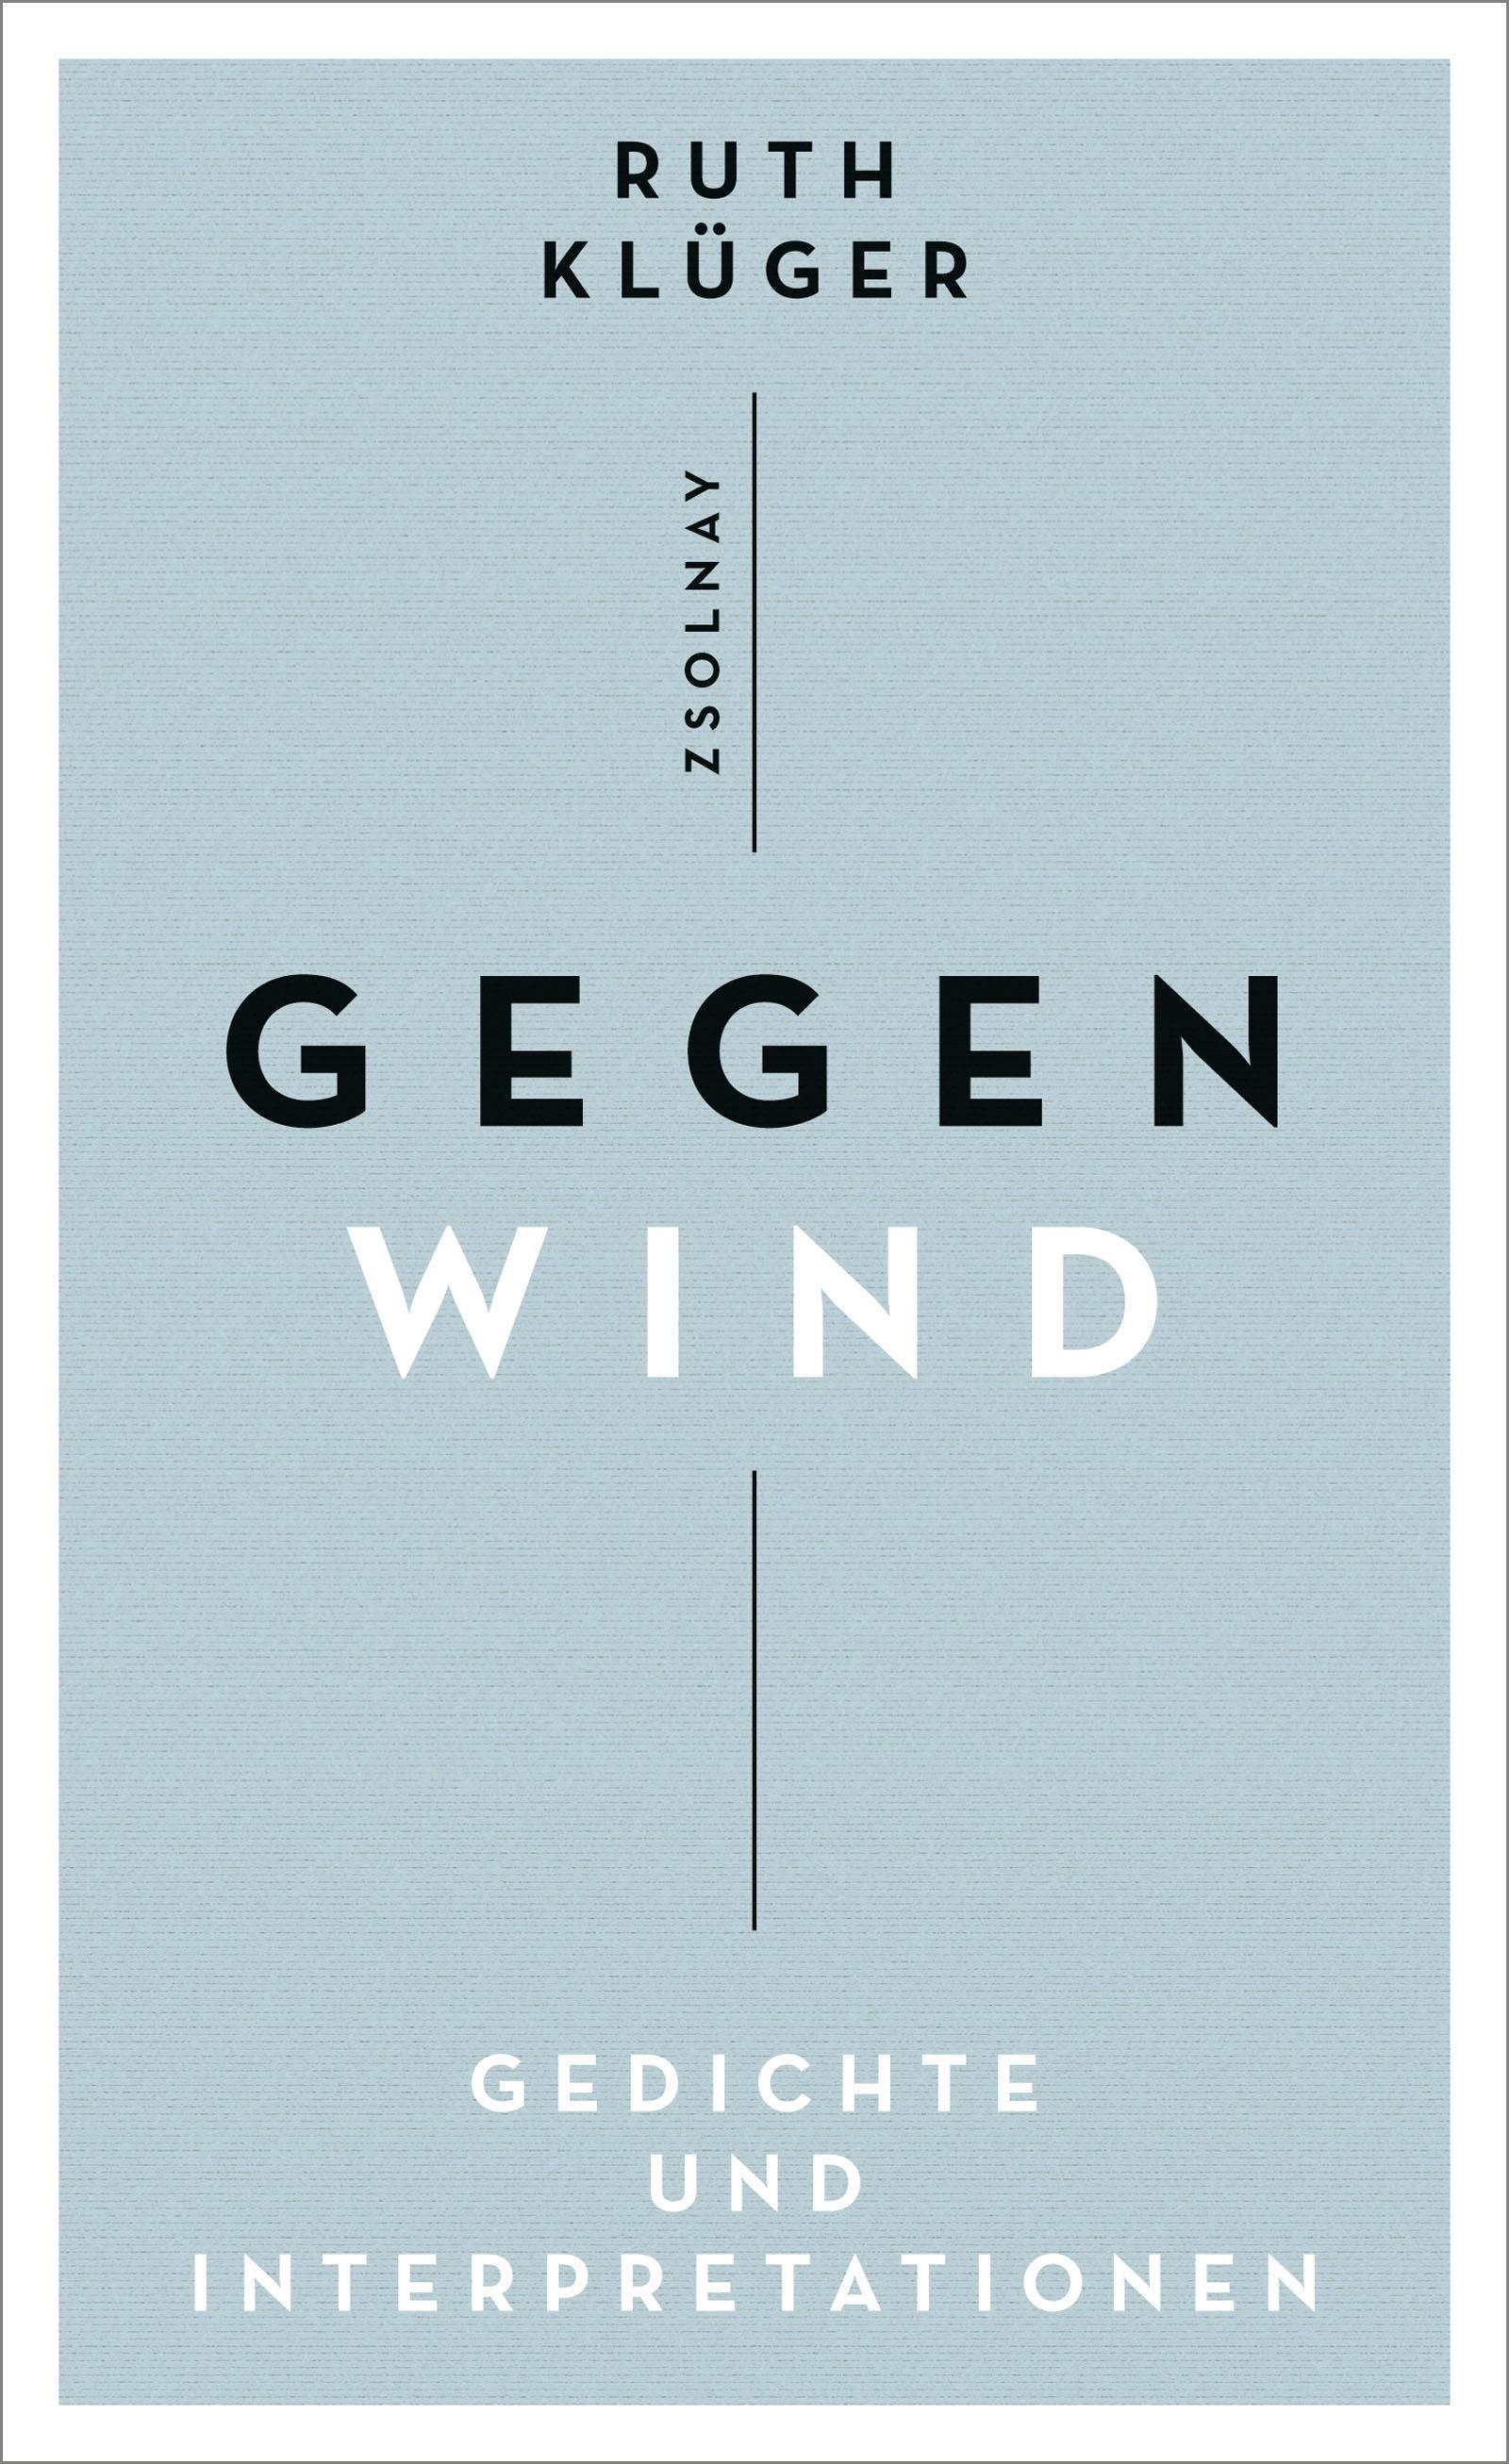 Gegenwind